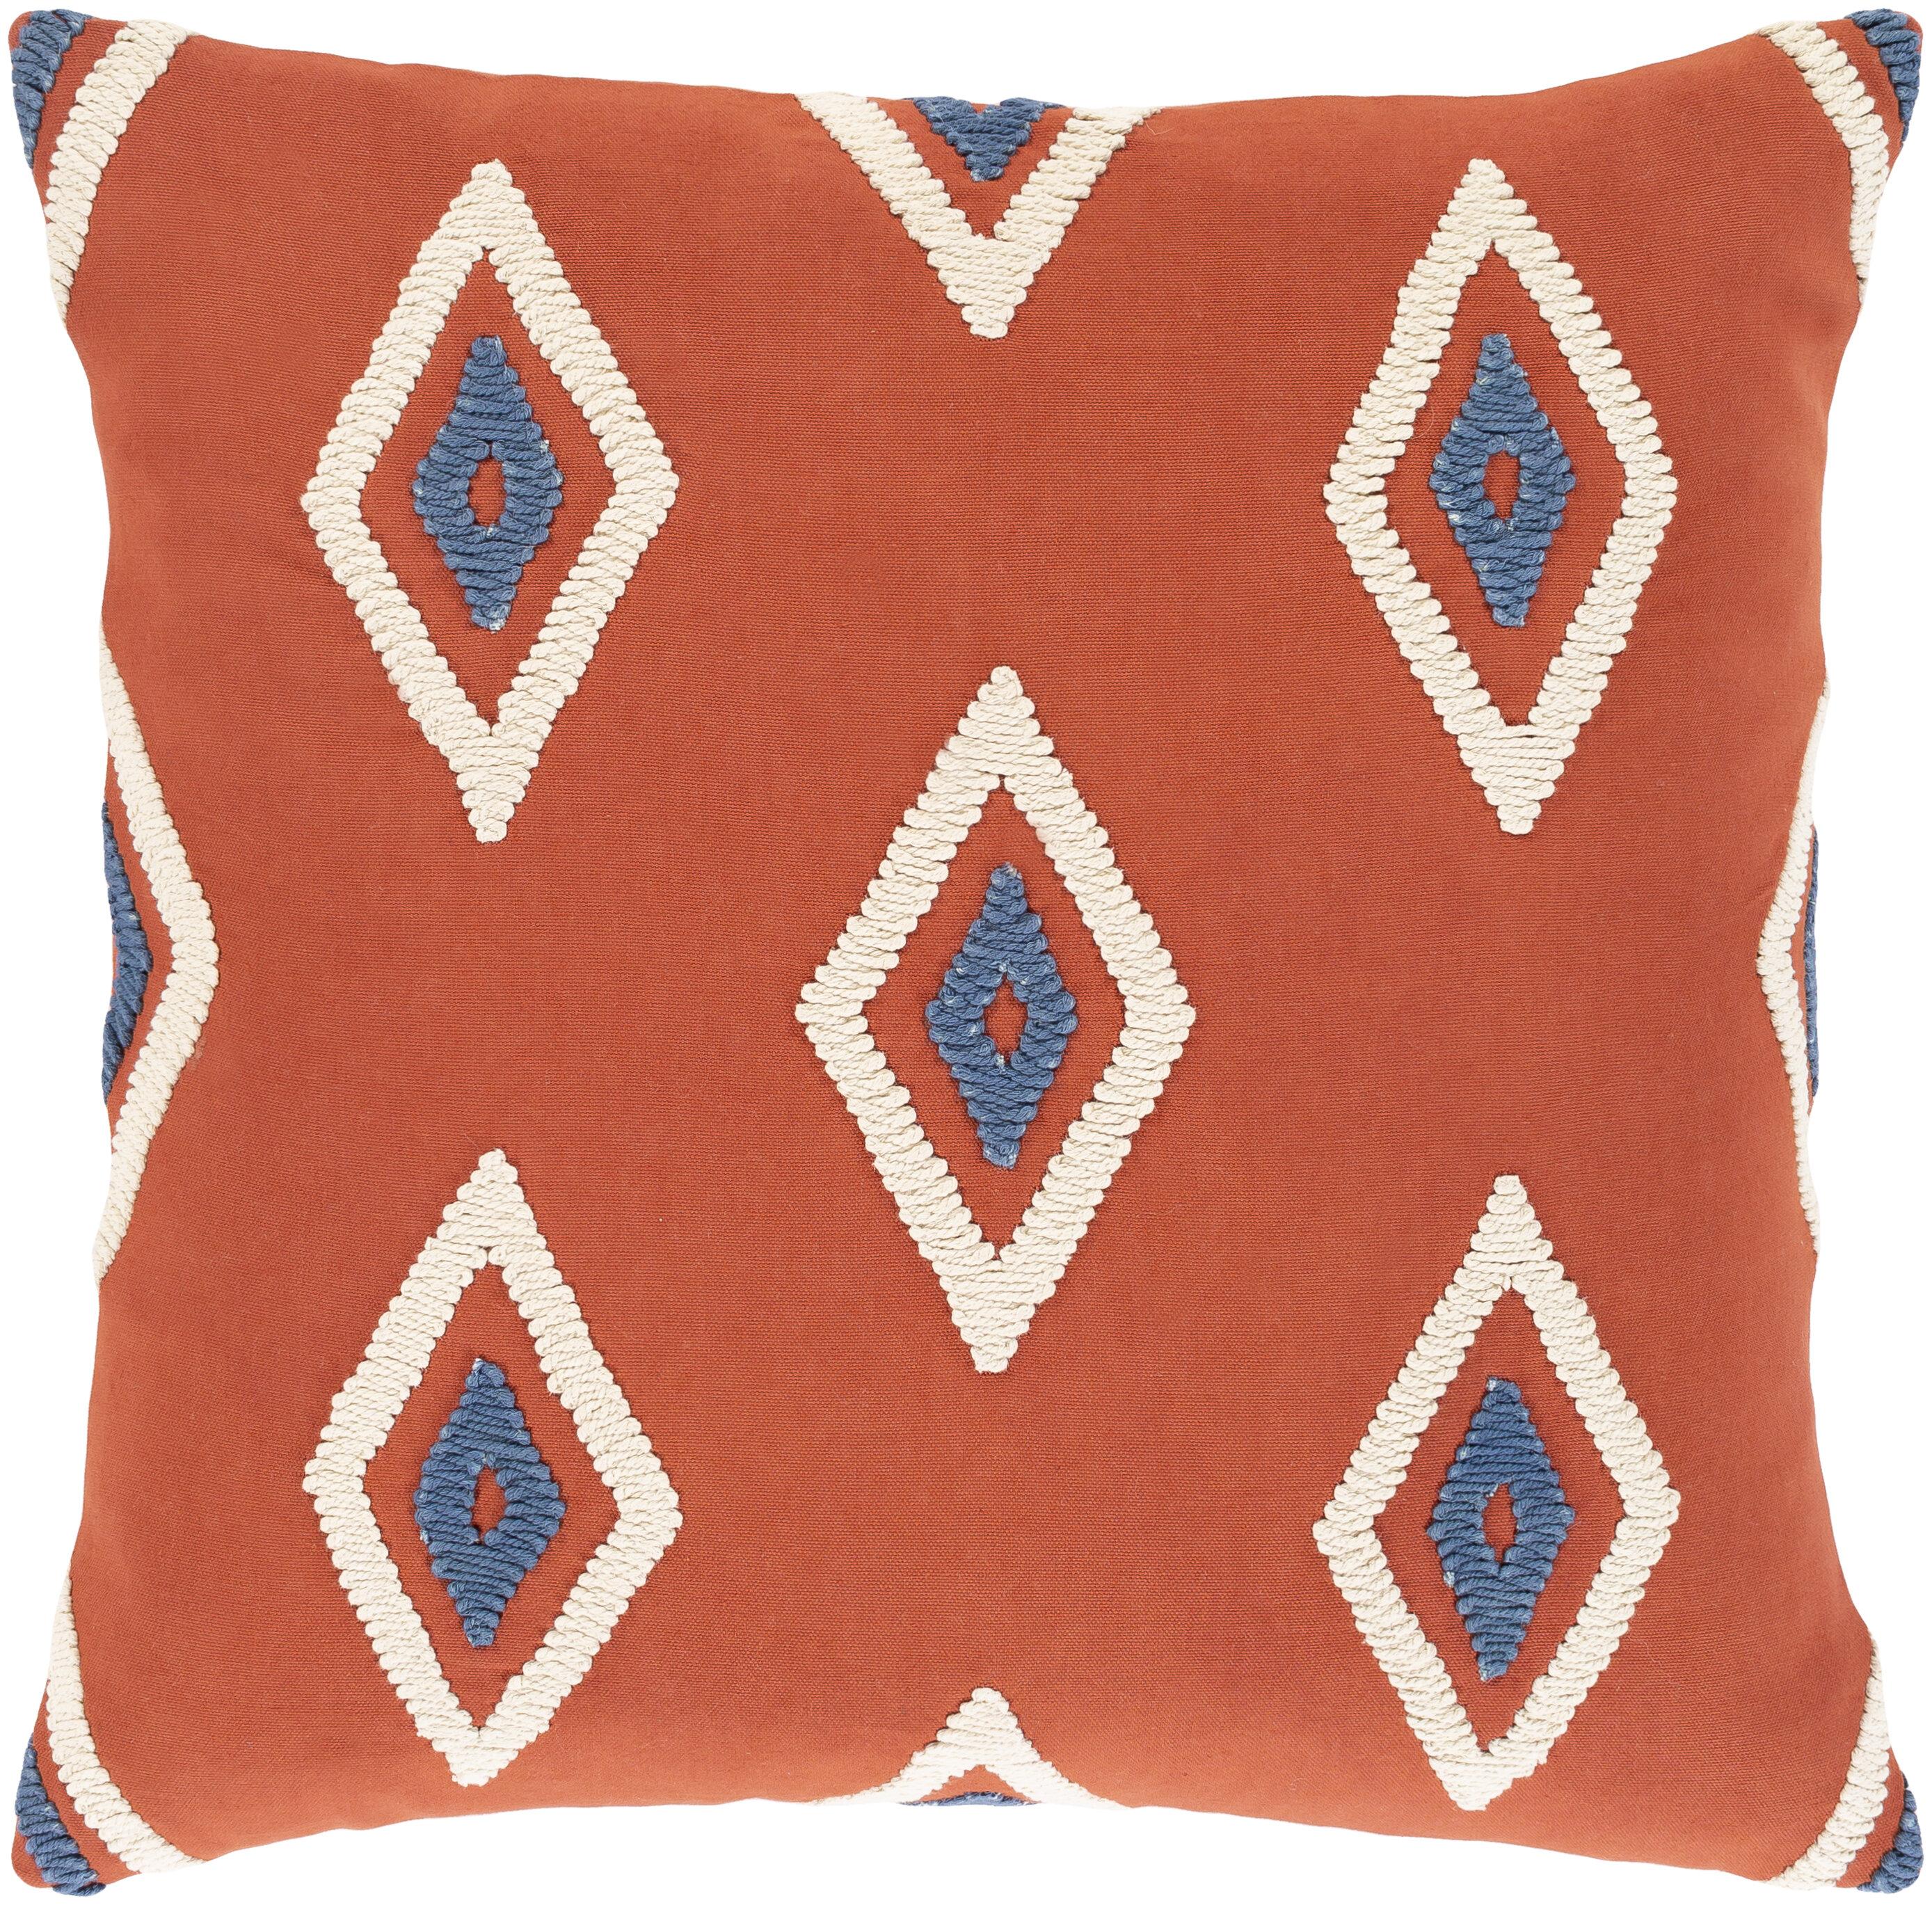 Seigler Cotton Geometric Throw Pillow